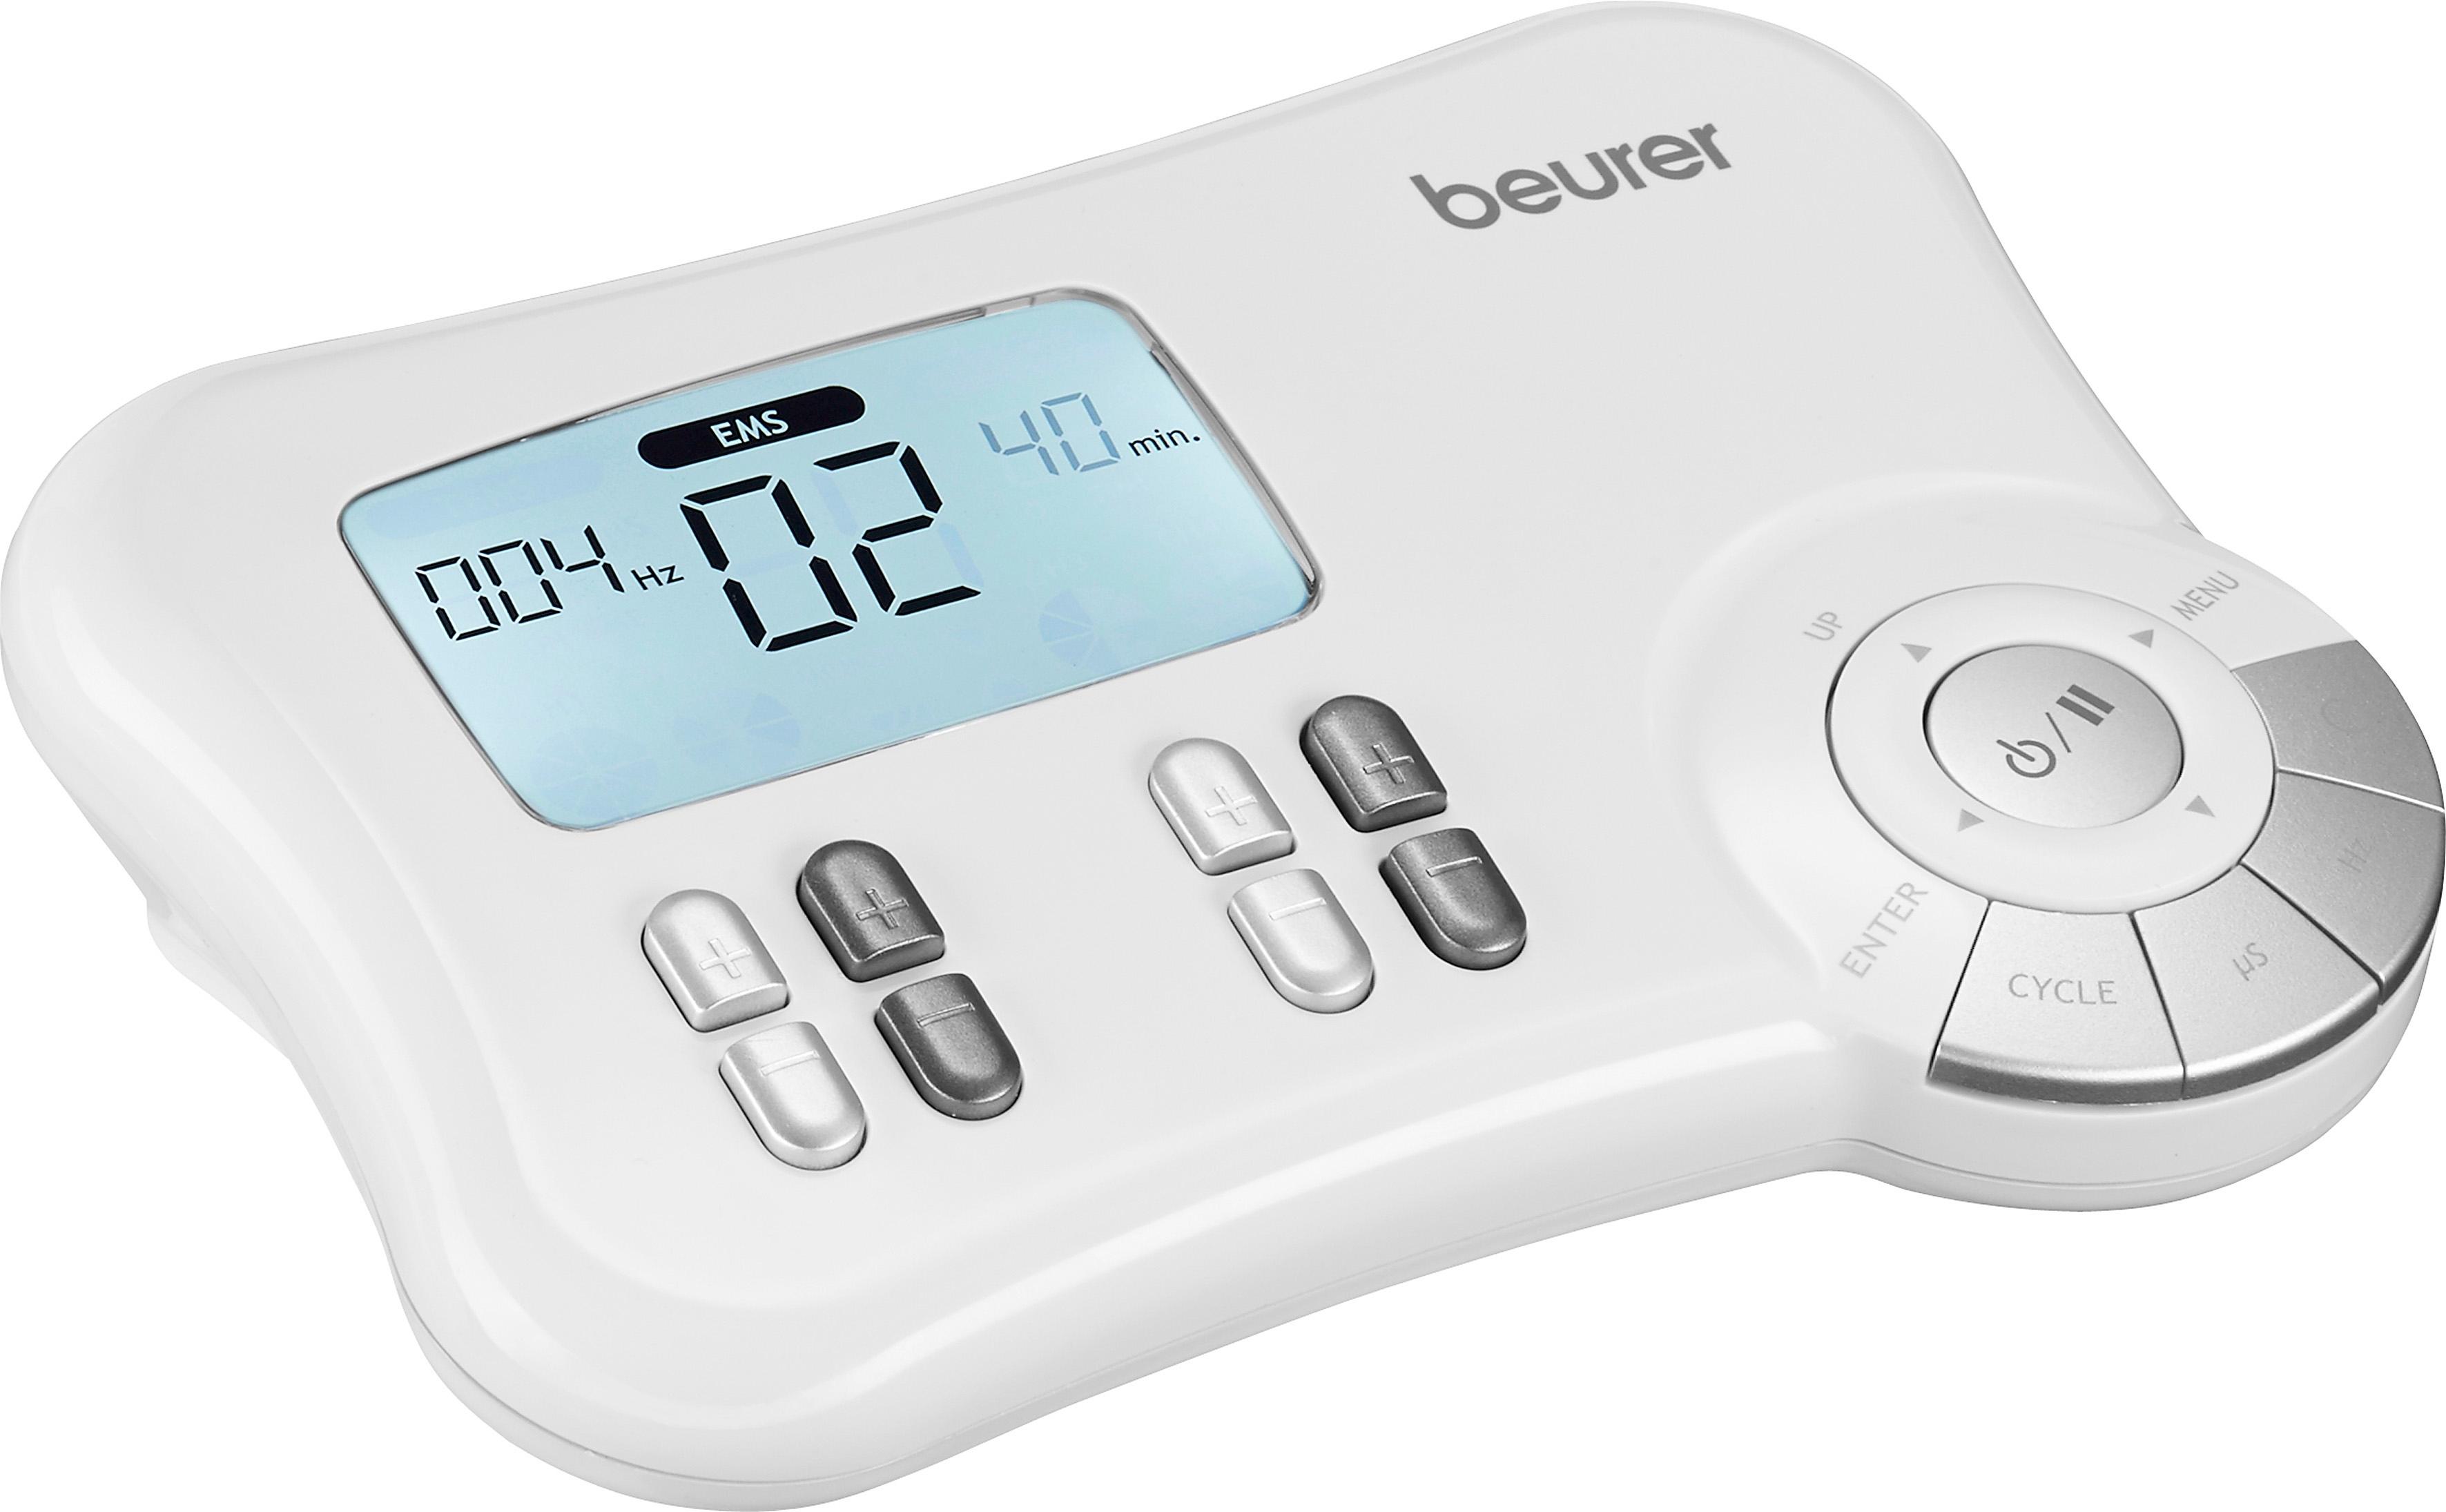 BEURER Massageapparaat, 'EM 80 Digital TENS/EMS' bij OTTO online kopen